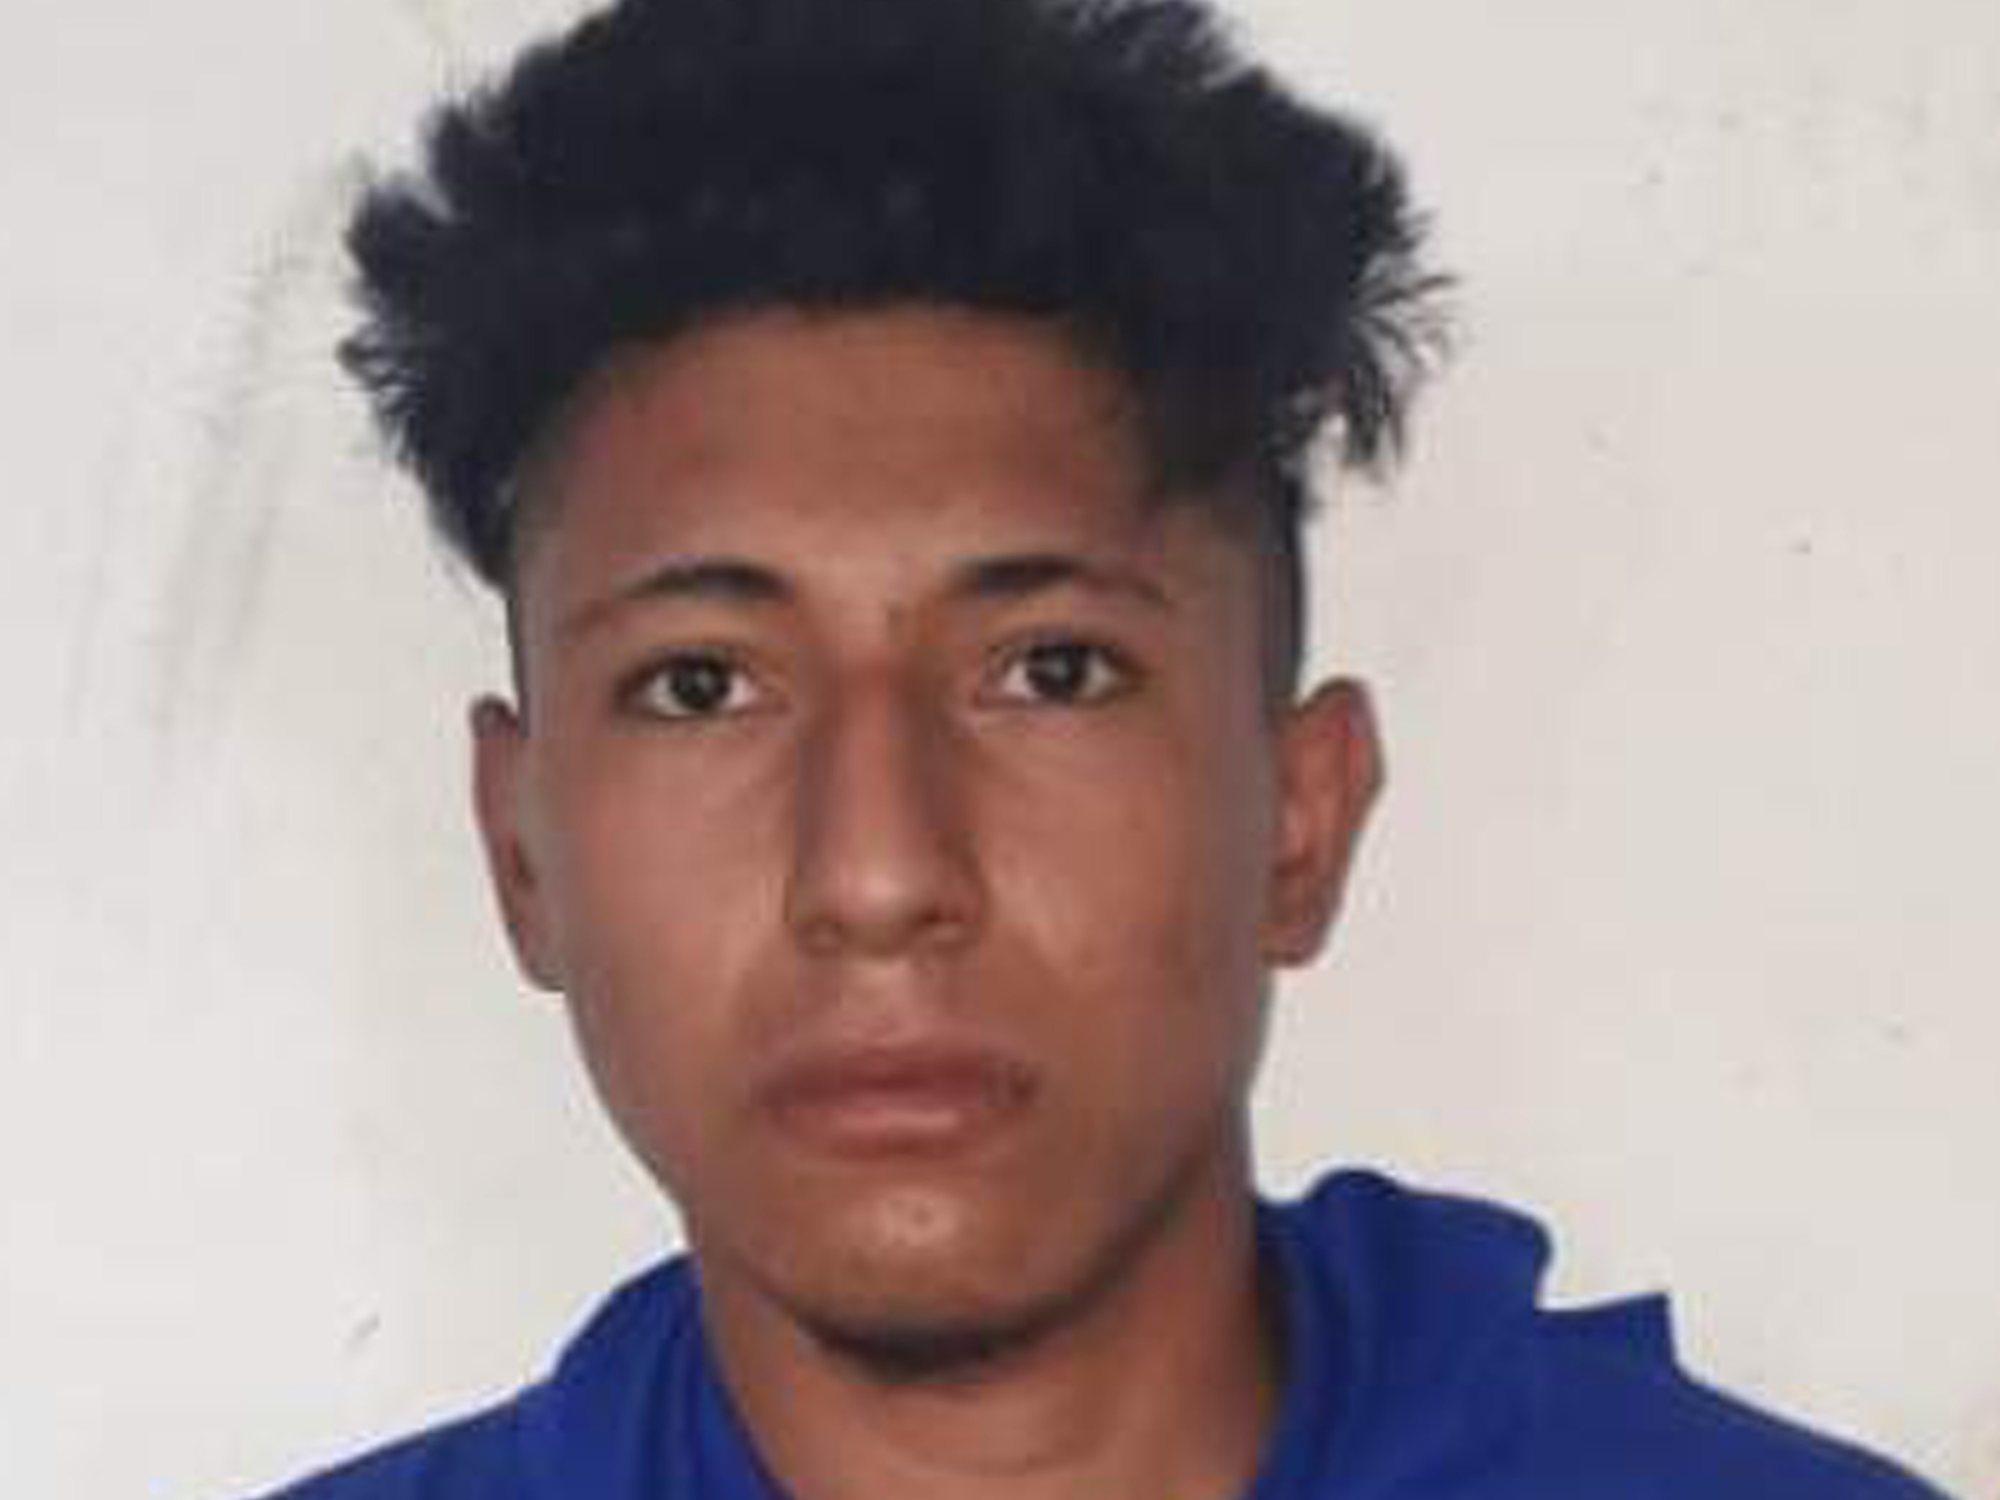 Asesina brutalmente a su sobrino de nueve años después de recibir 450 euros a cambio